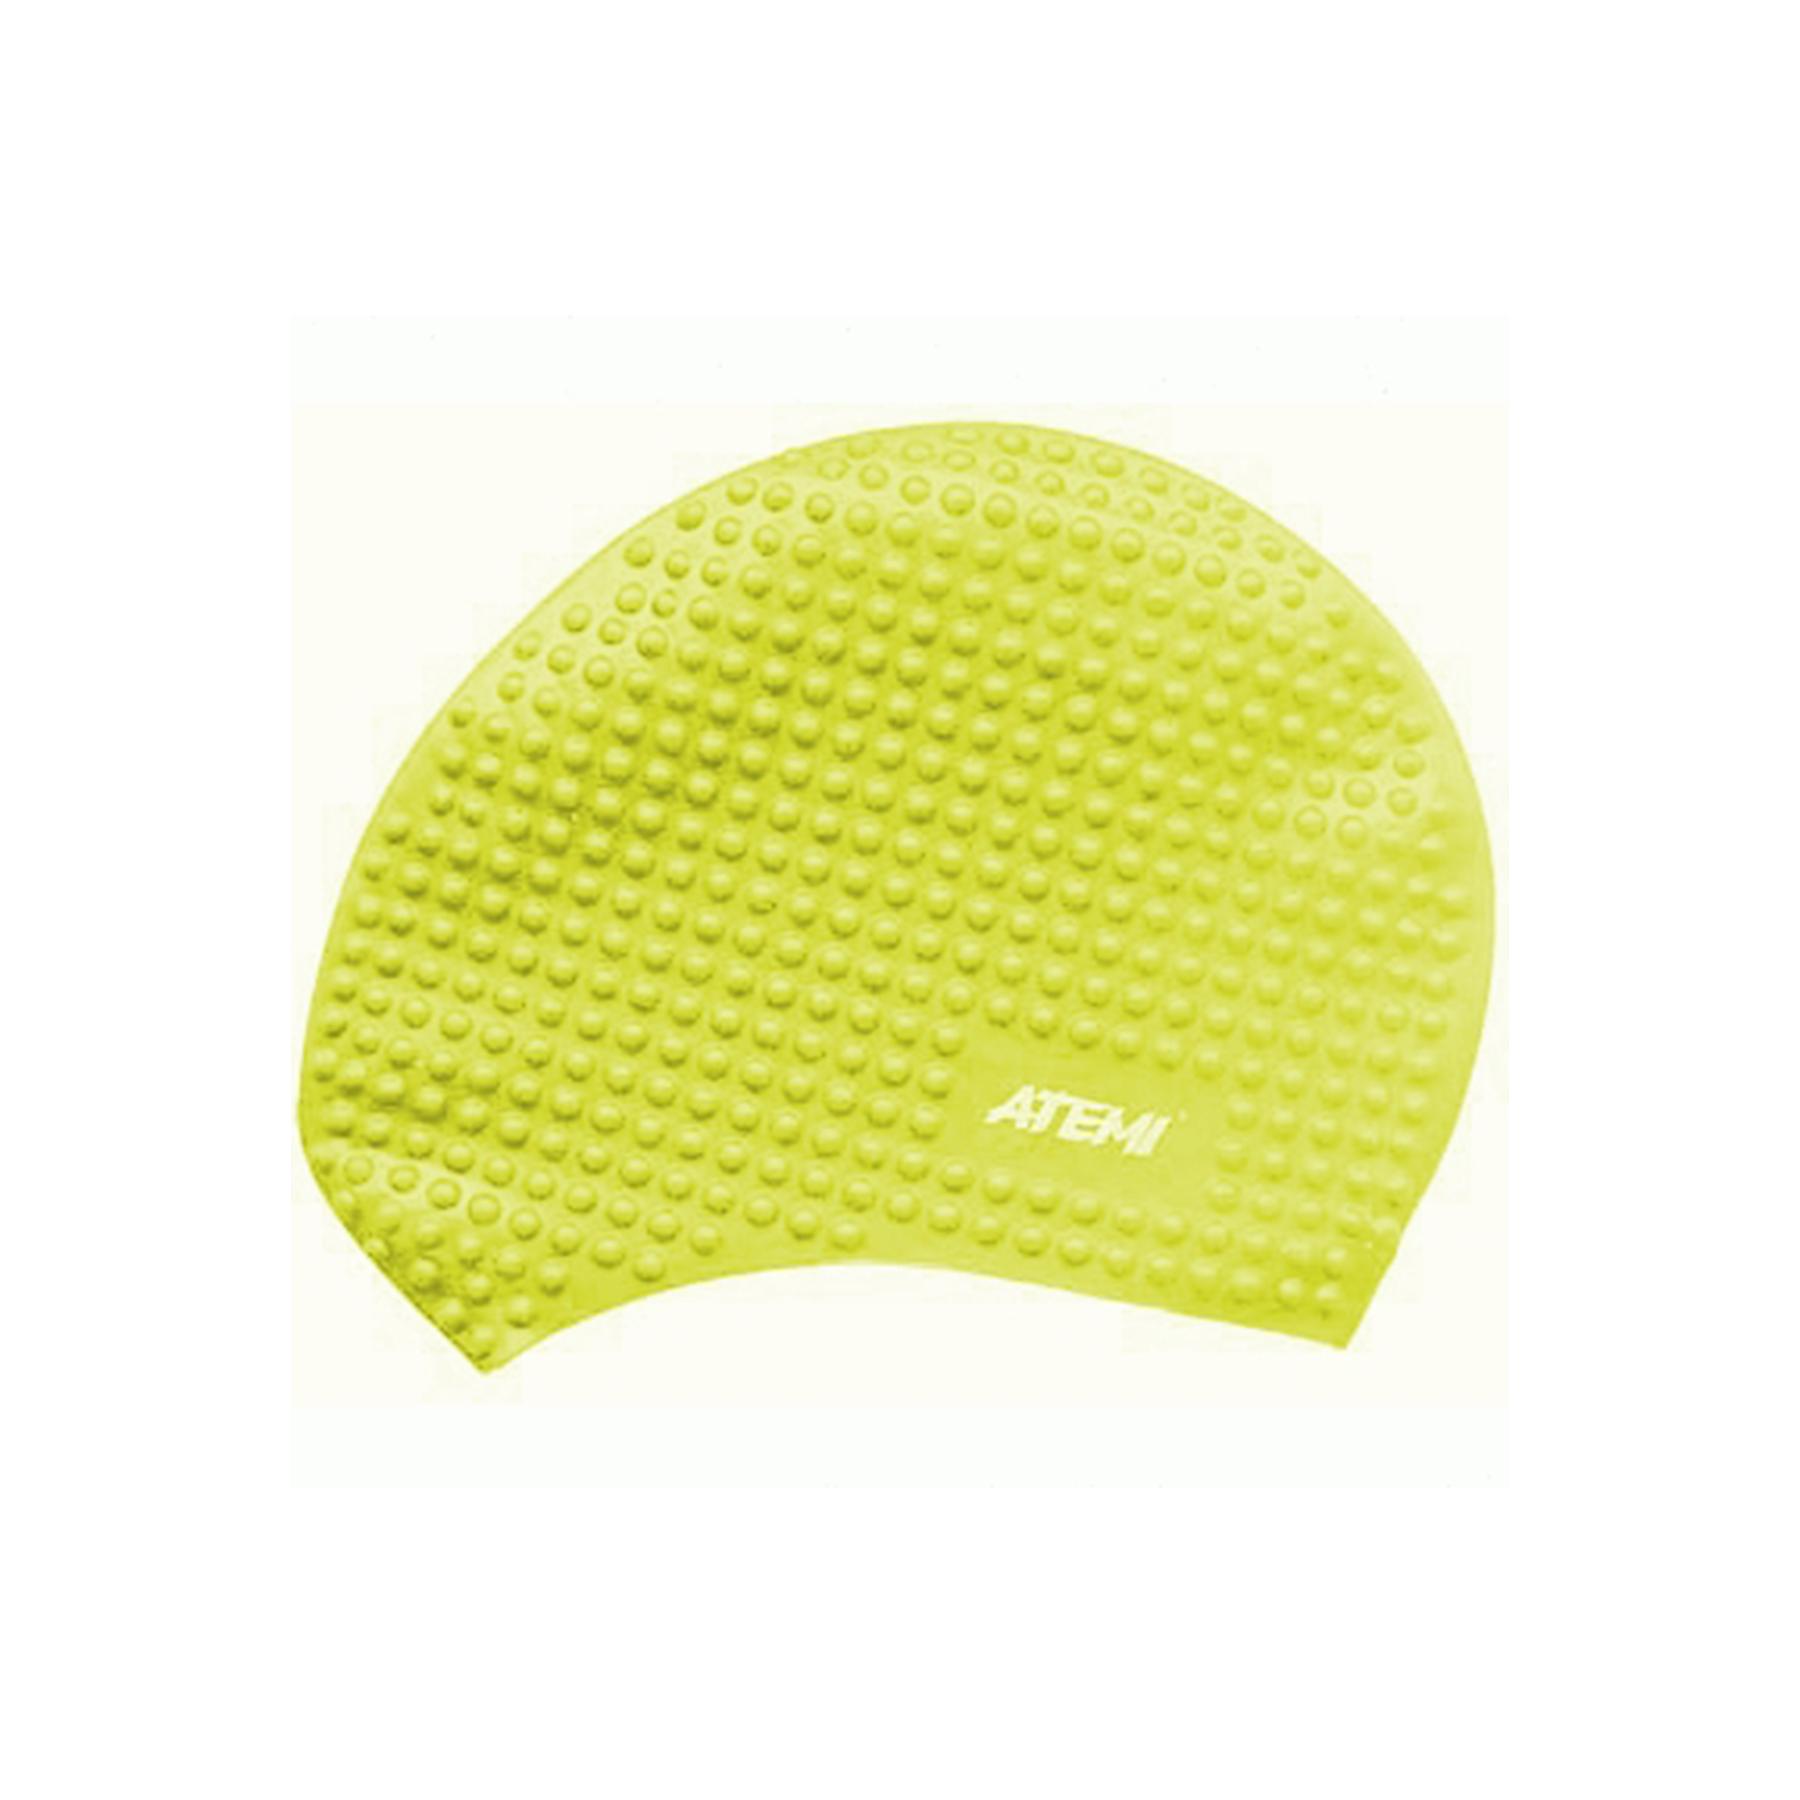 Шапочка АТ BS 30 силикон для длинных волос бабл желтая